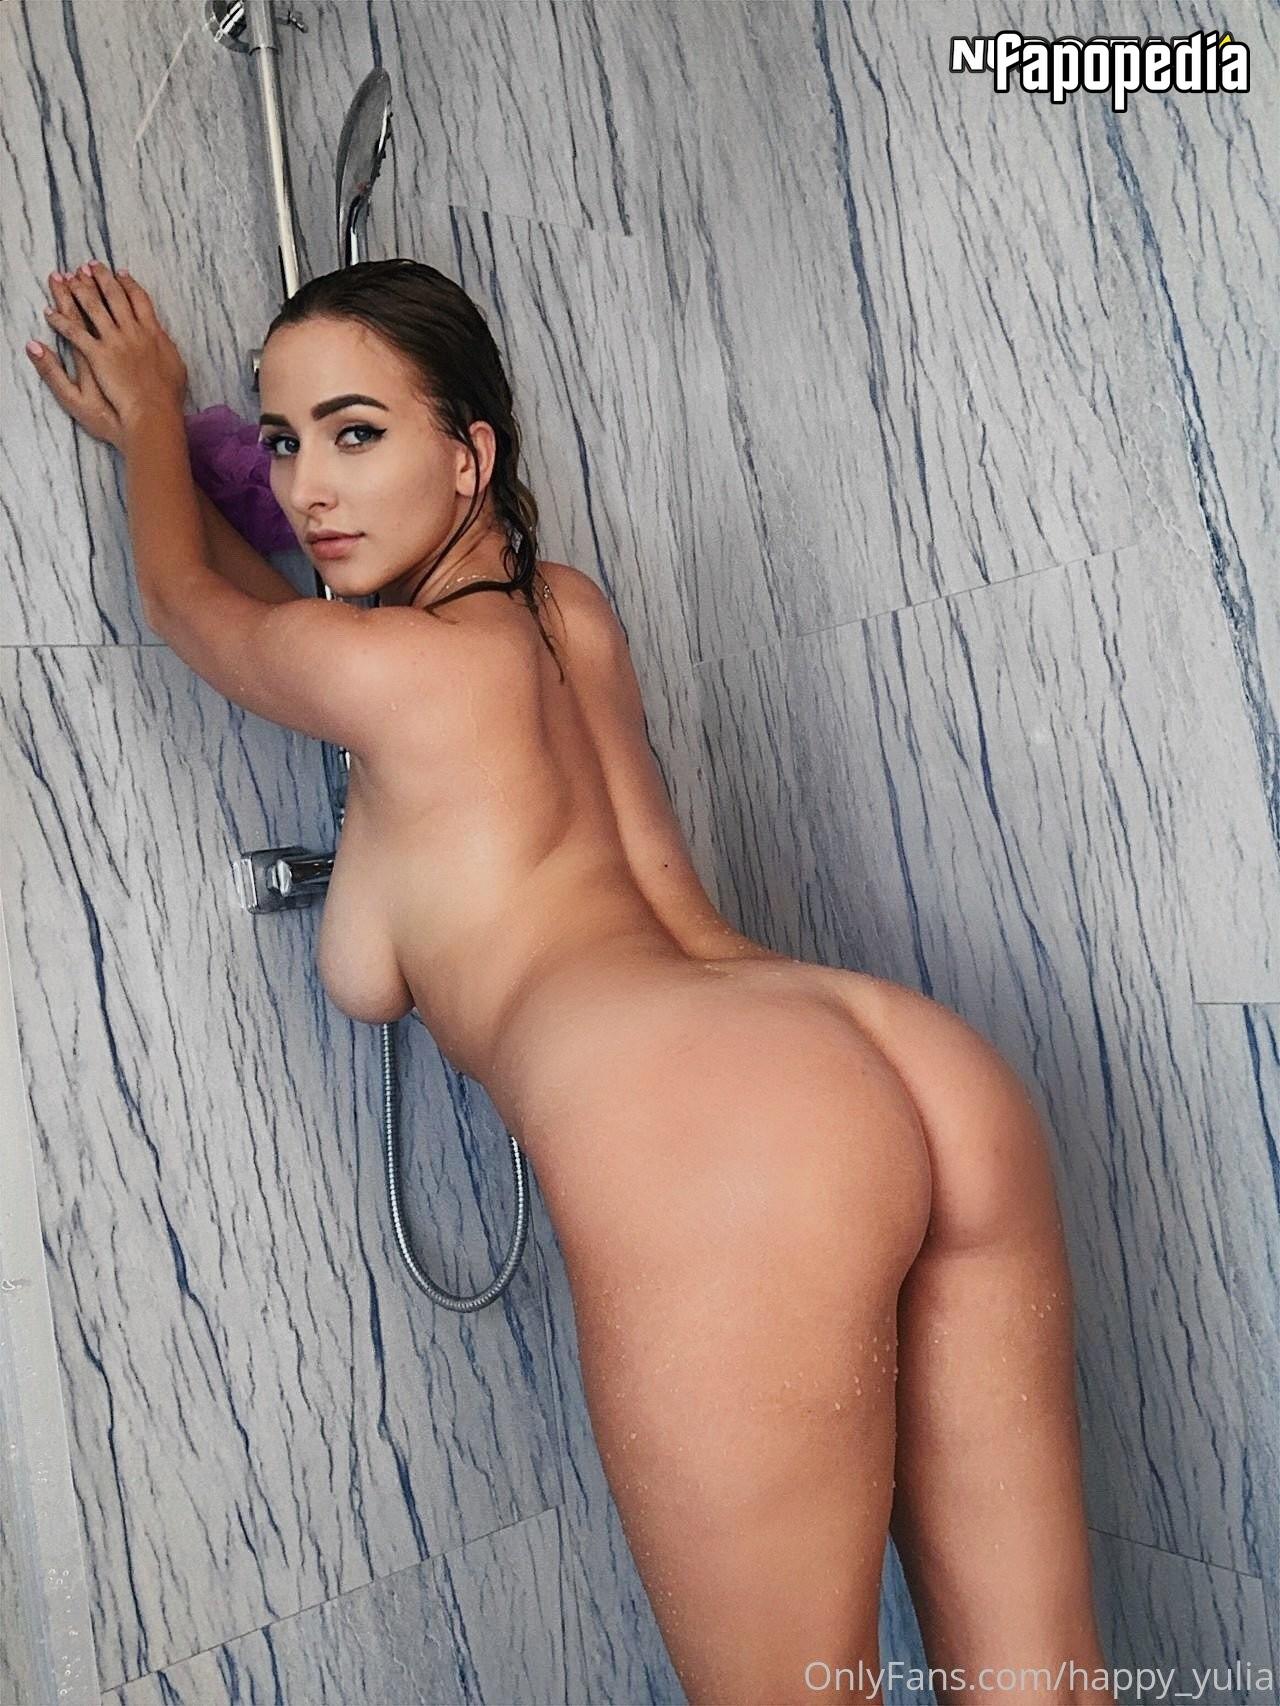 Happy_Yulia Nude OnlyFans Leaks